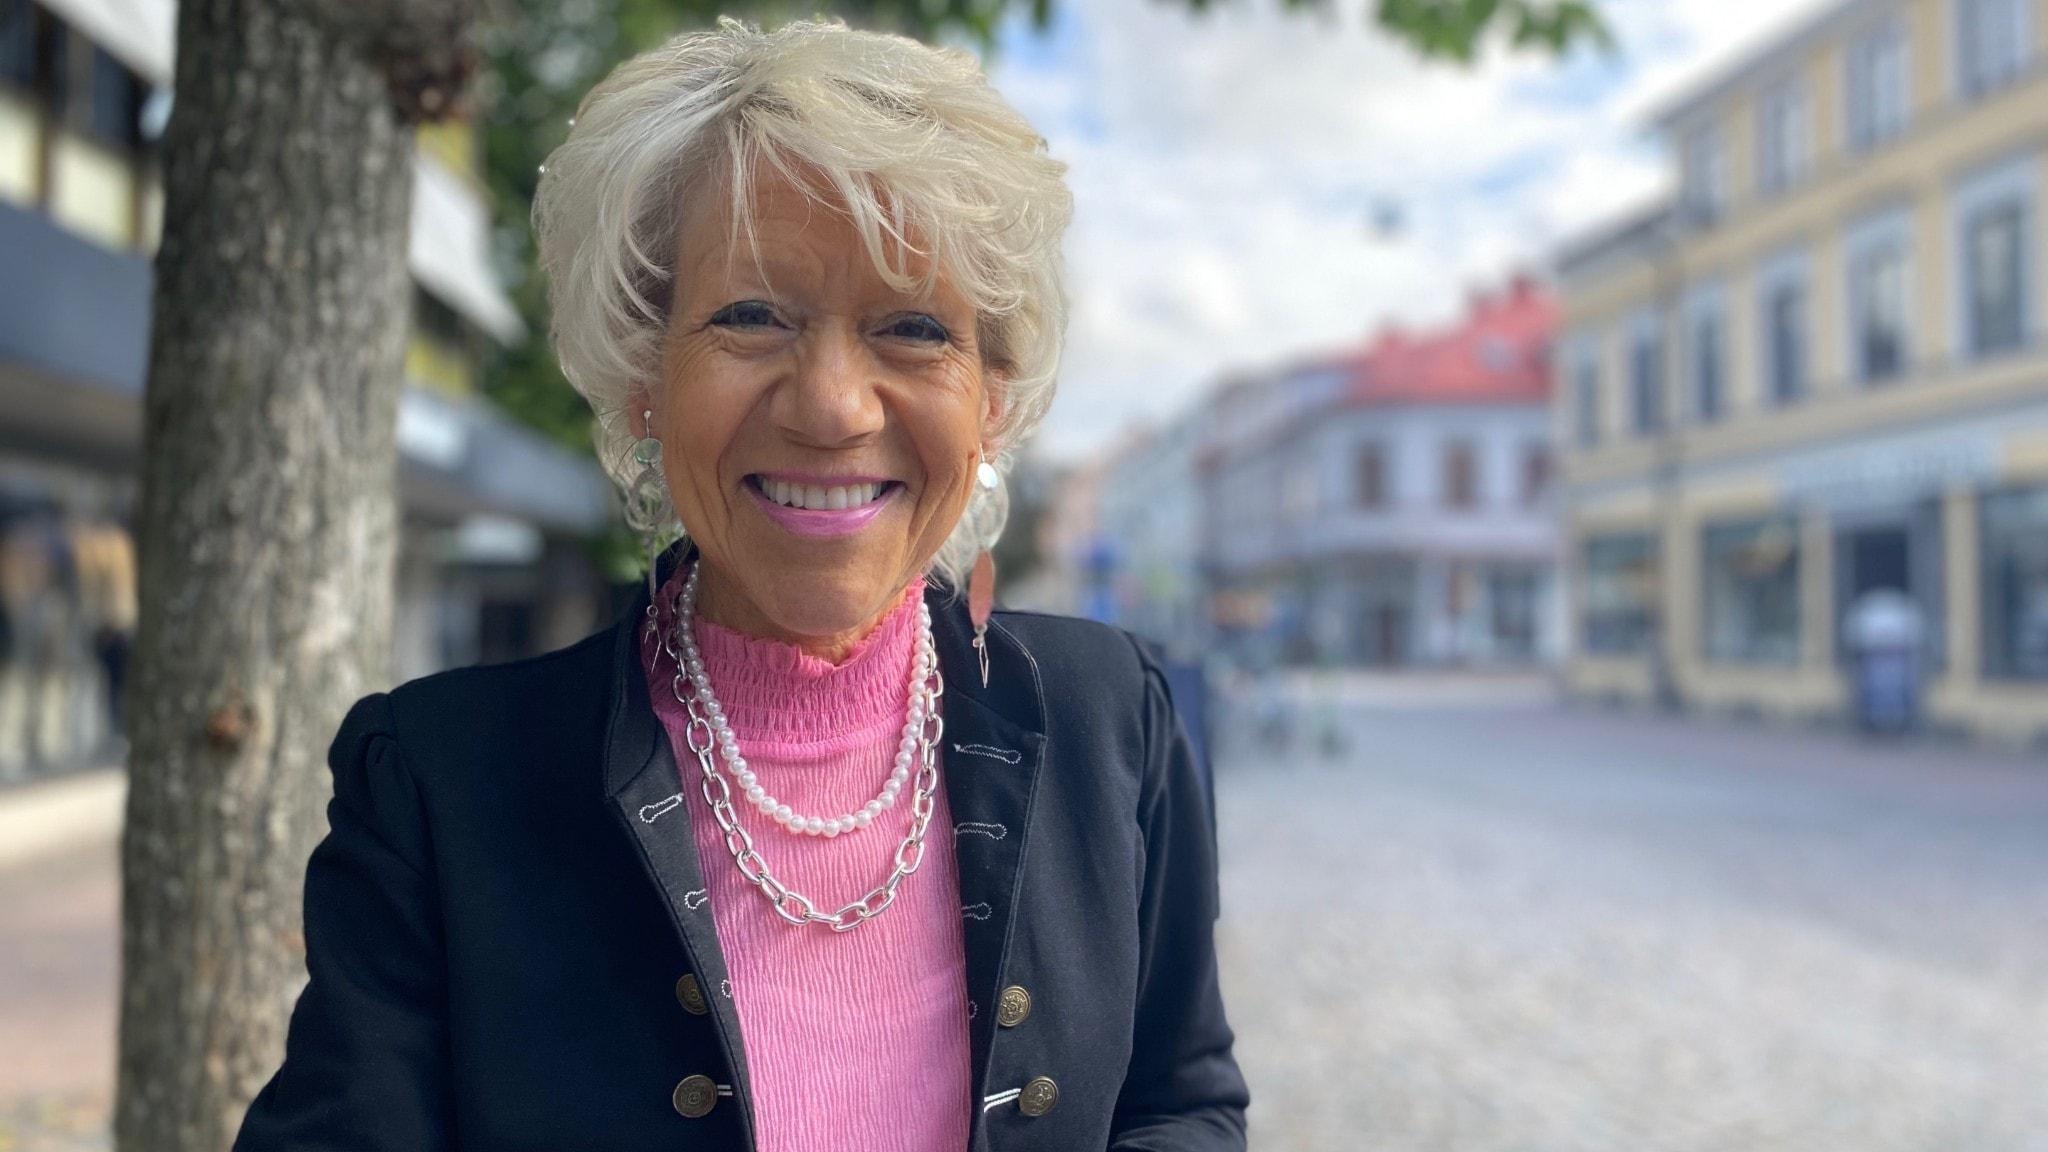 Dansbandsartisten Mona G ler med Storgatan i Växjö i bakgrunden.